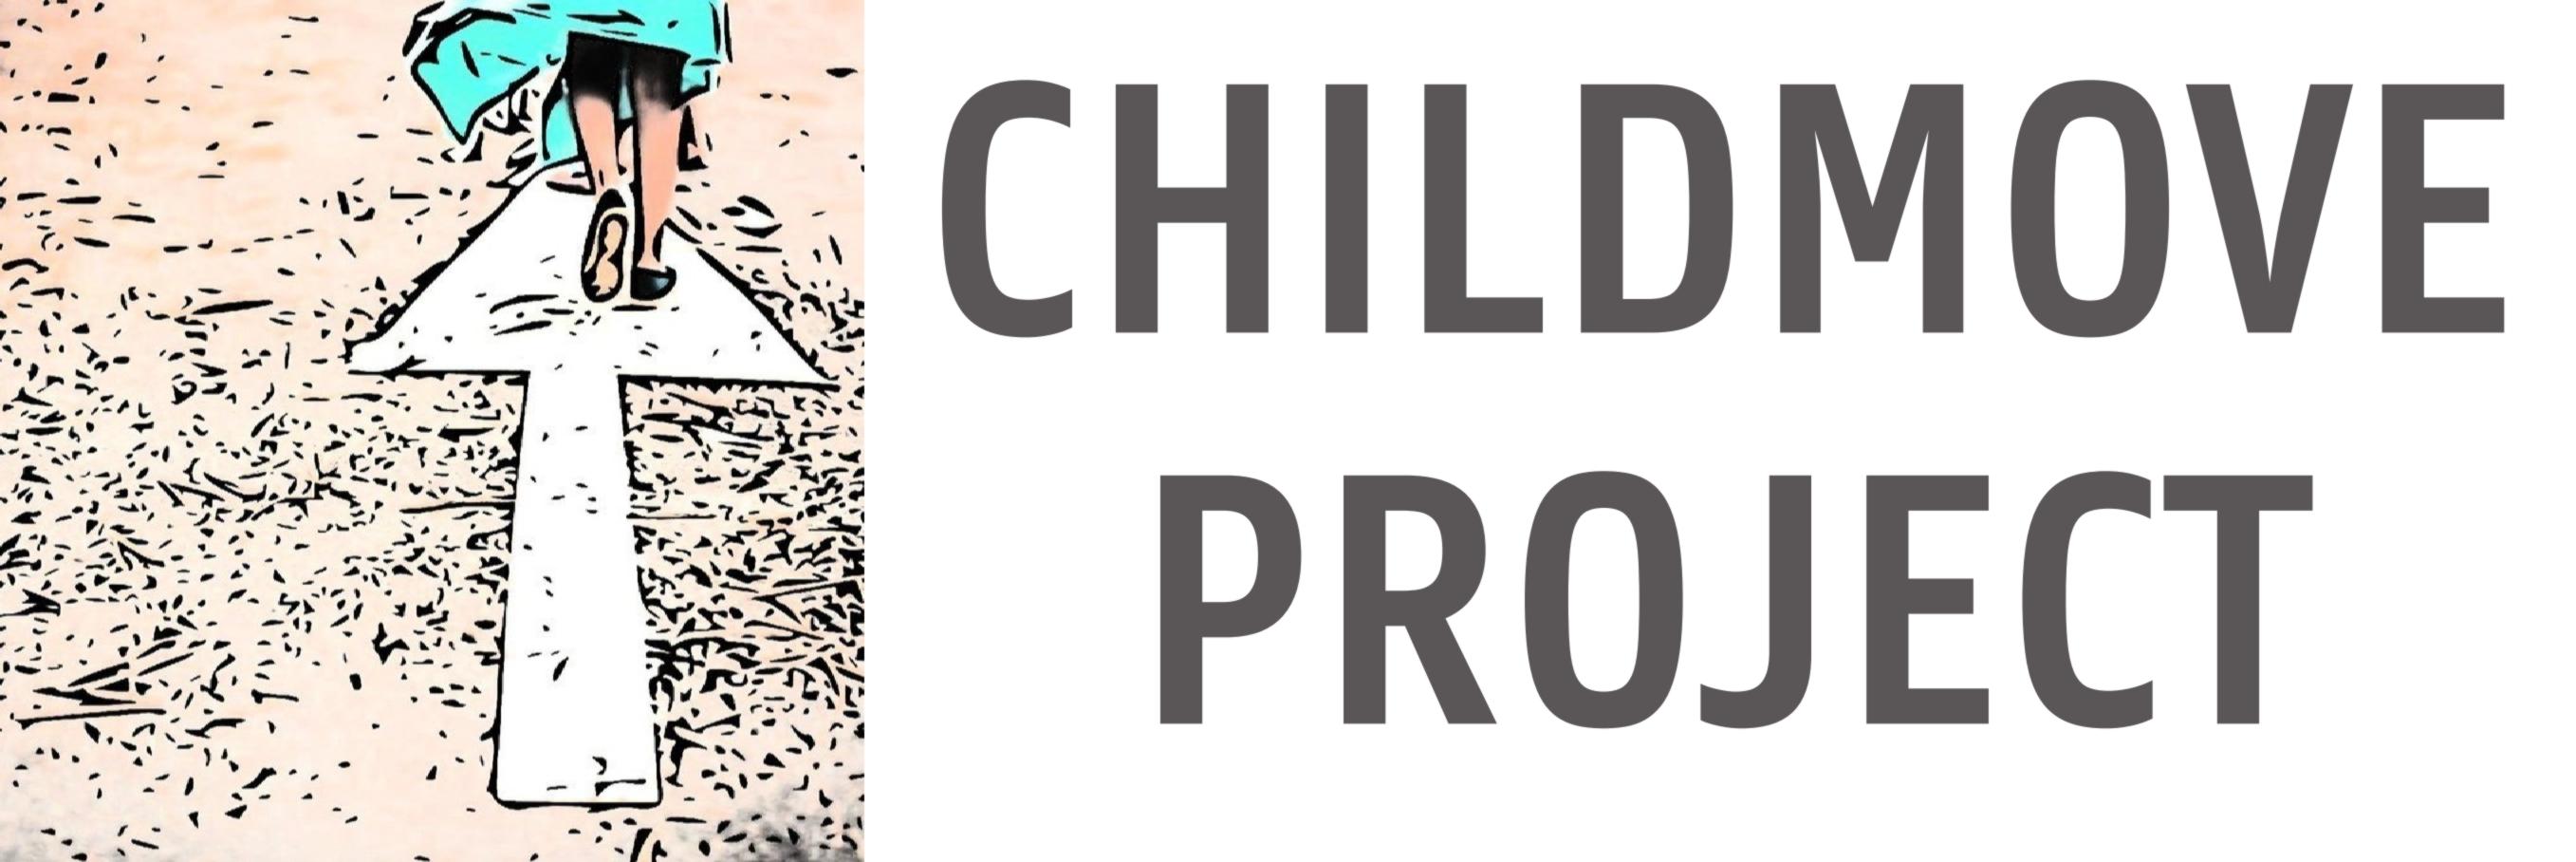 Childmove | De impact van vluchtervaringen op het psychologische welzijn van niet-begeleide minderjarige vluchtelingen